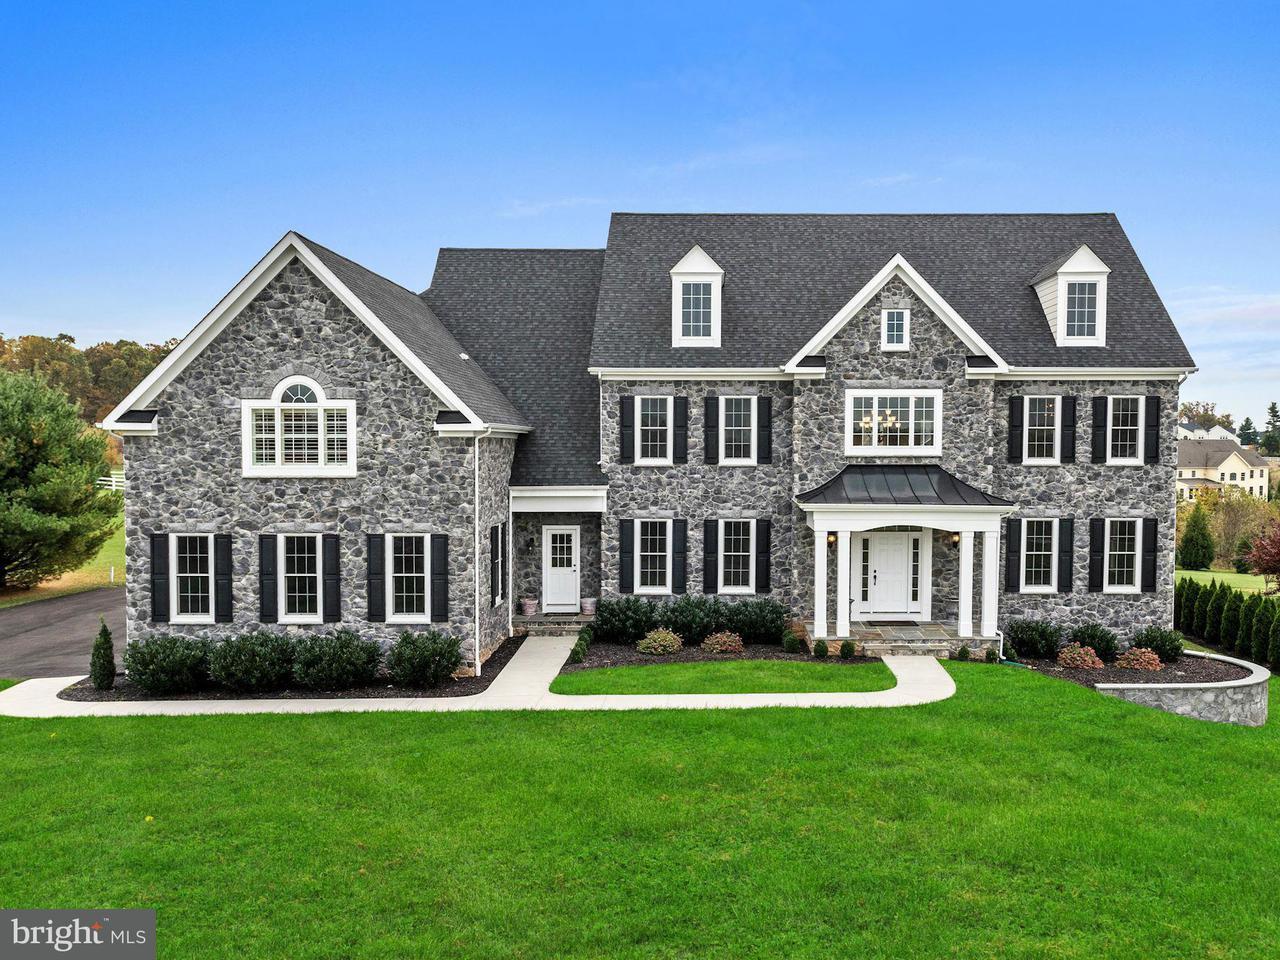 Частный односемейный дом для того Продажа на 3915 CLARKS MEADOW Drive 3915 CLARKS MEADOW Drive Glenwood, Мэриленд 21738 Соединенные Штаты